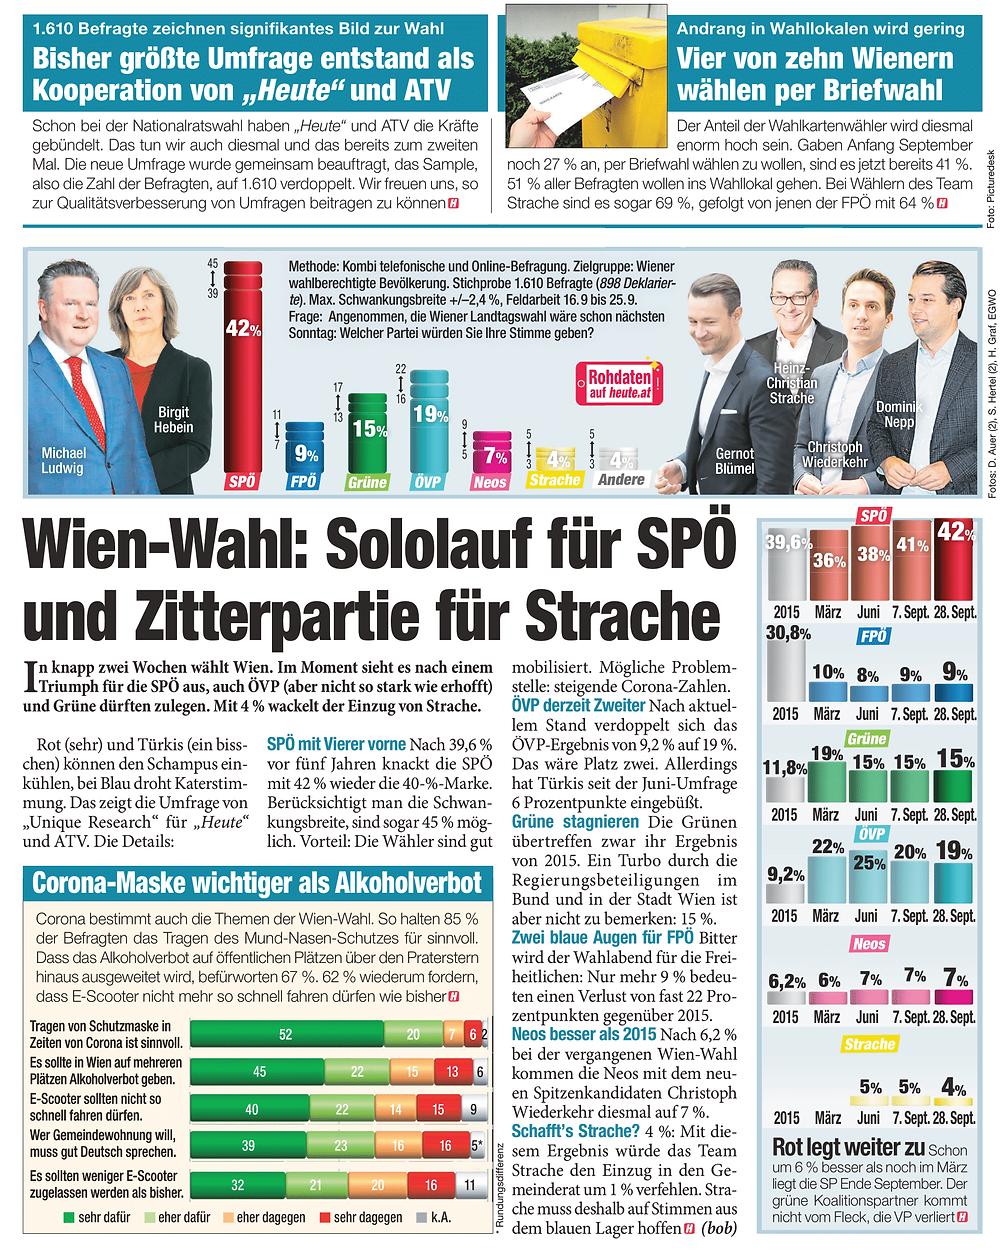 Unique research Umfrage für HEUTE und ATV zur Wien-Wahl Print Artikel